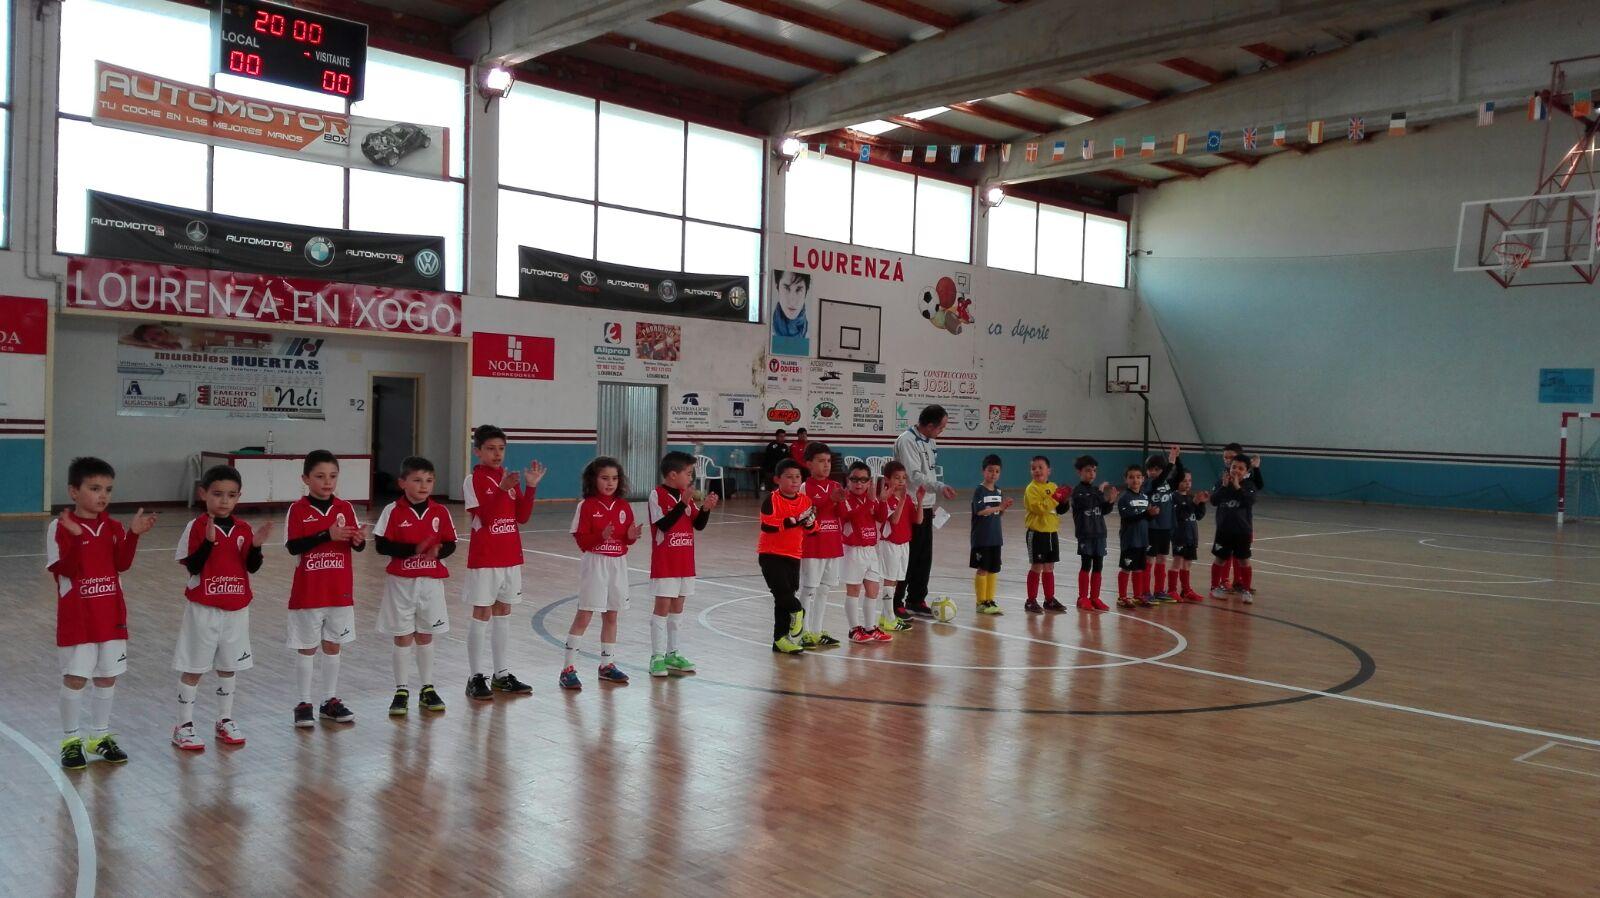 Escolas Deportivas Lourenz F Sala Prebenxam N Nova Contundente  # Muebles Huertas Lourenza